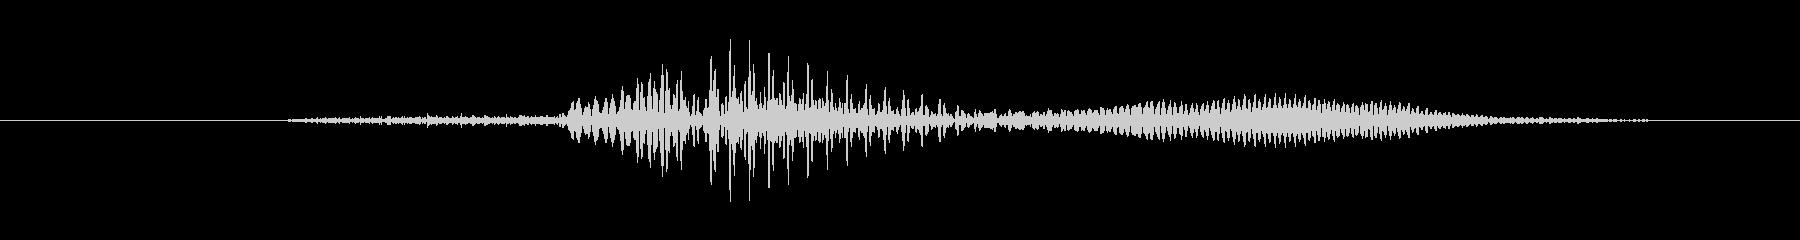 鳴き声 男性ティーンうーん混乱01の未再生の波形